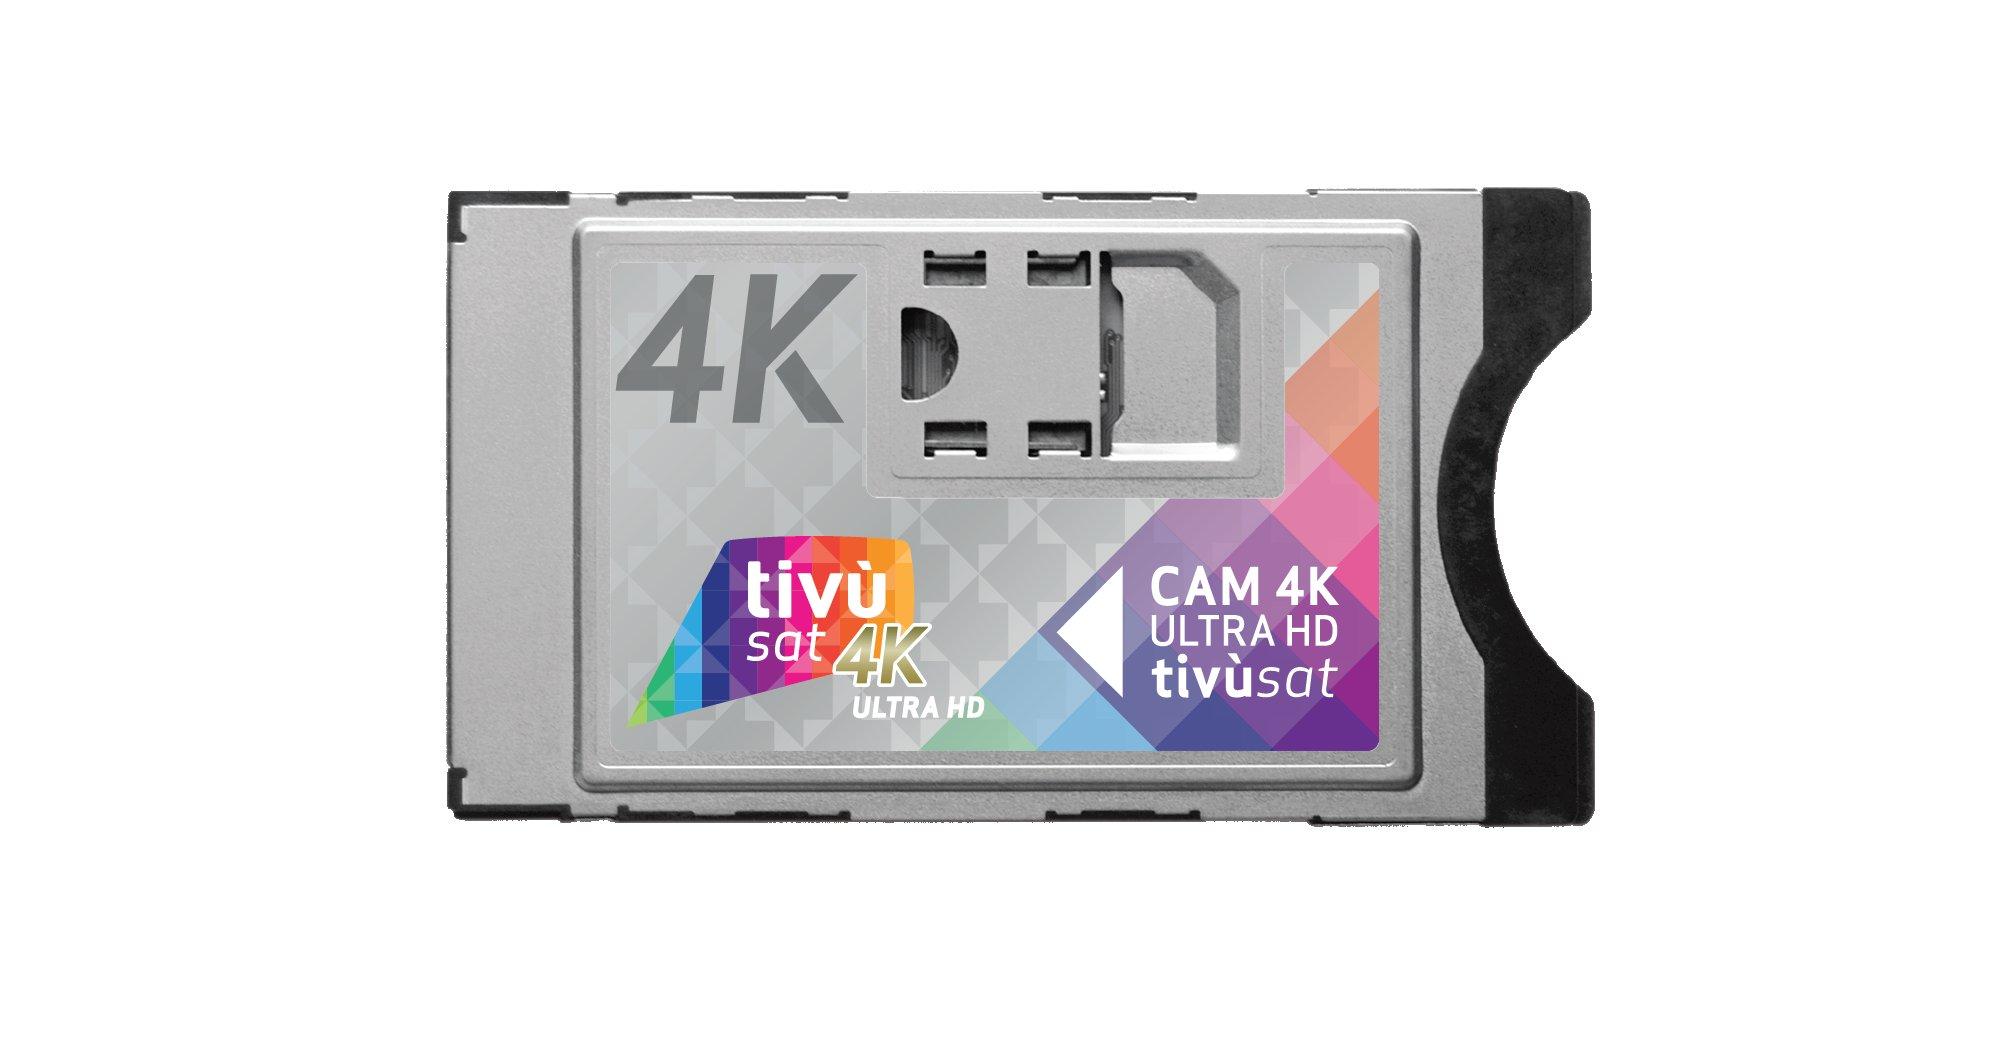 Cinque canali 4K gratuiti con la nuova CAM 4K Ultra HD Tivùsat